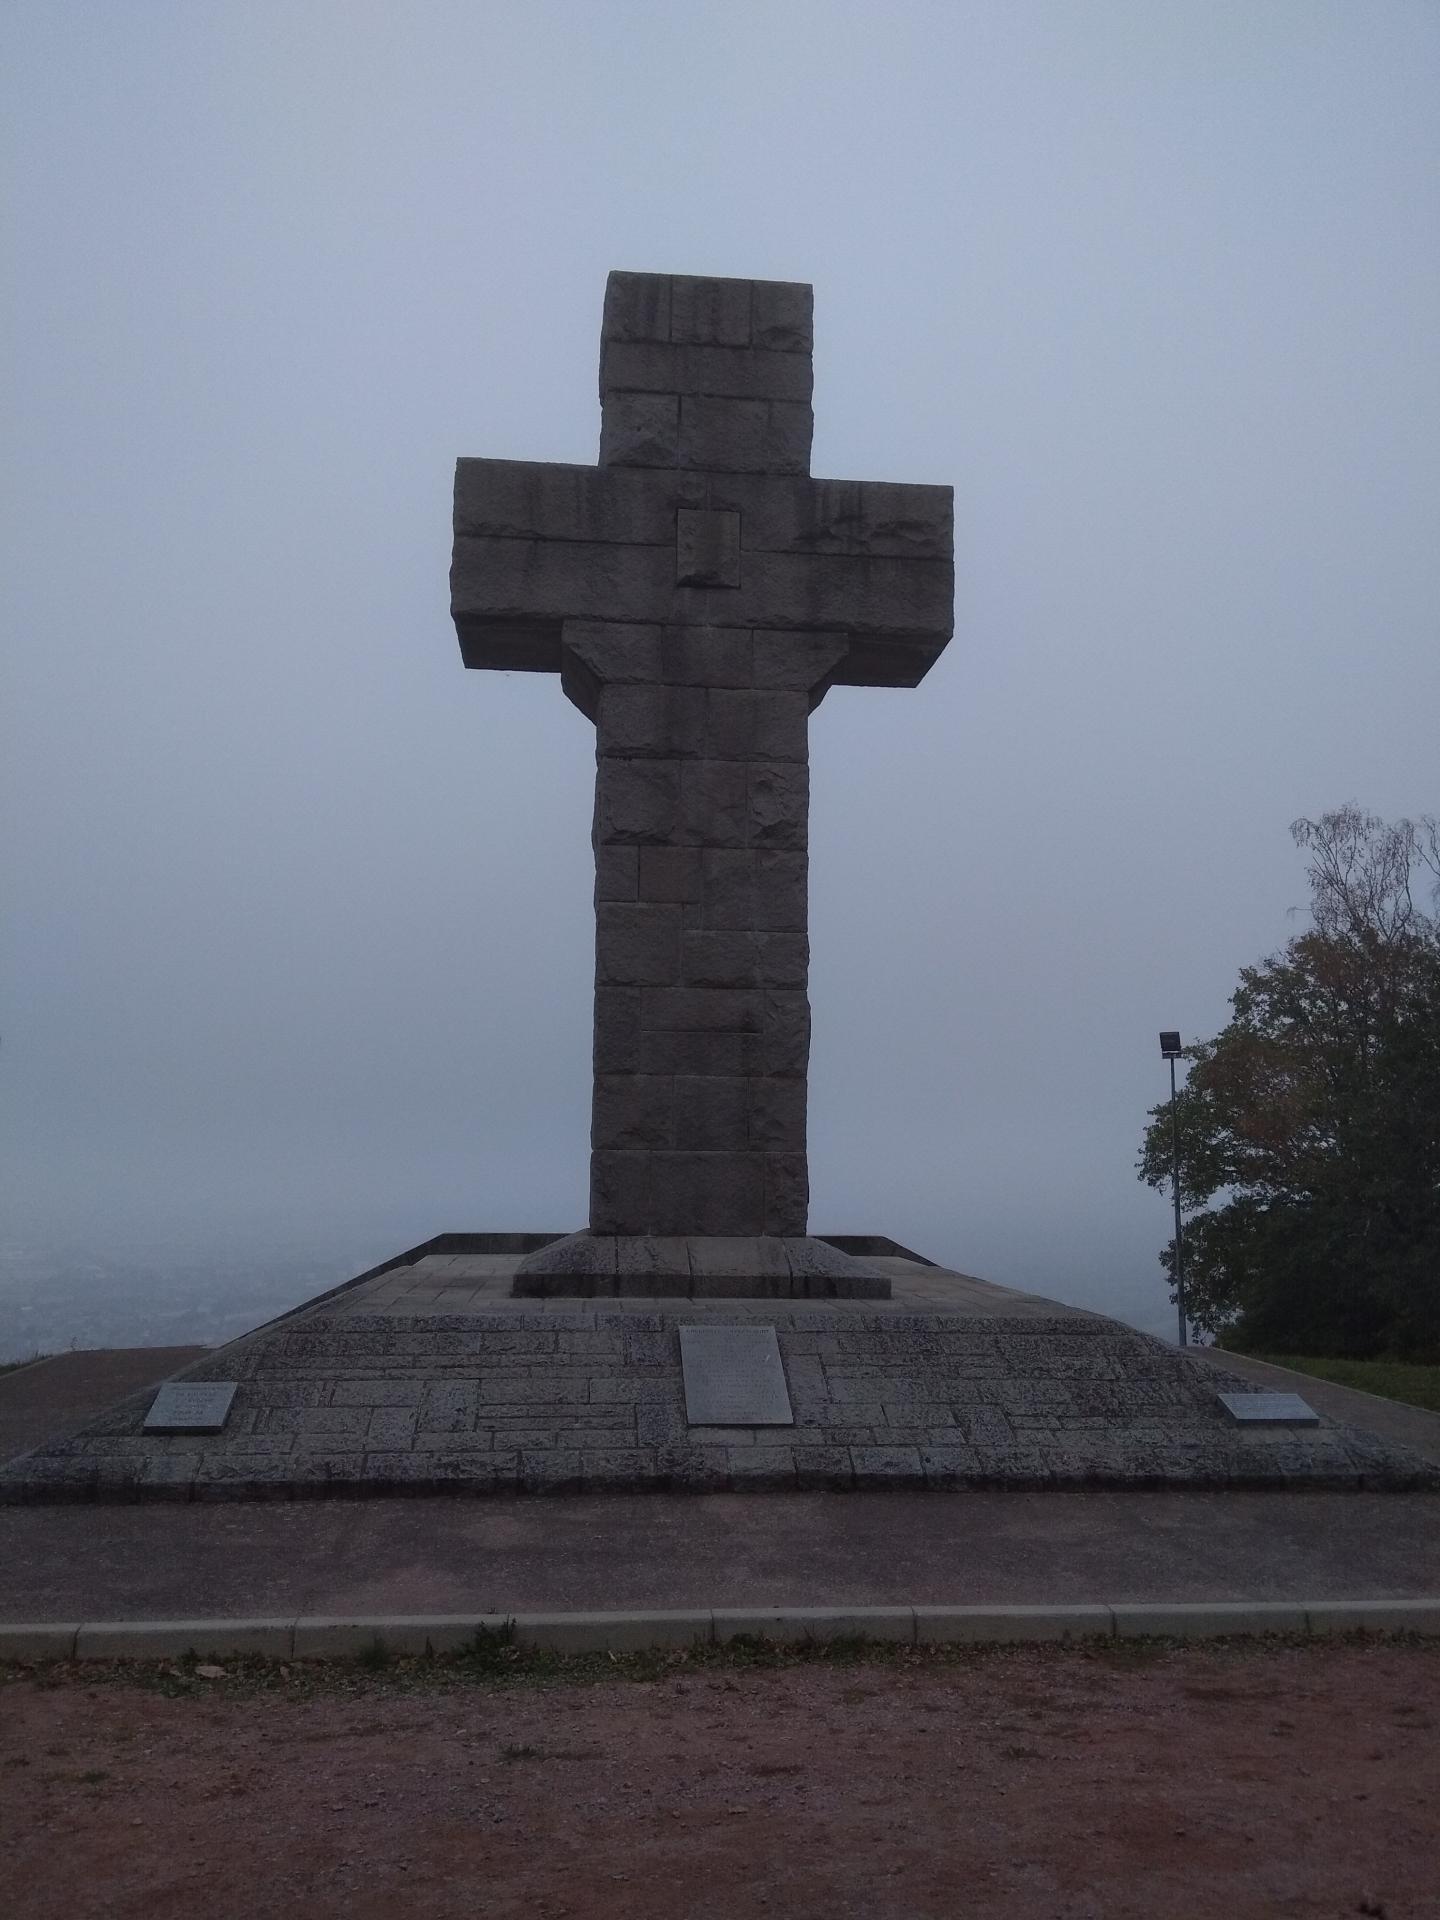 Autun croix de la lib le 8 oct 2018 n 10